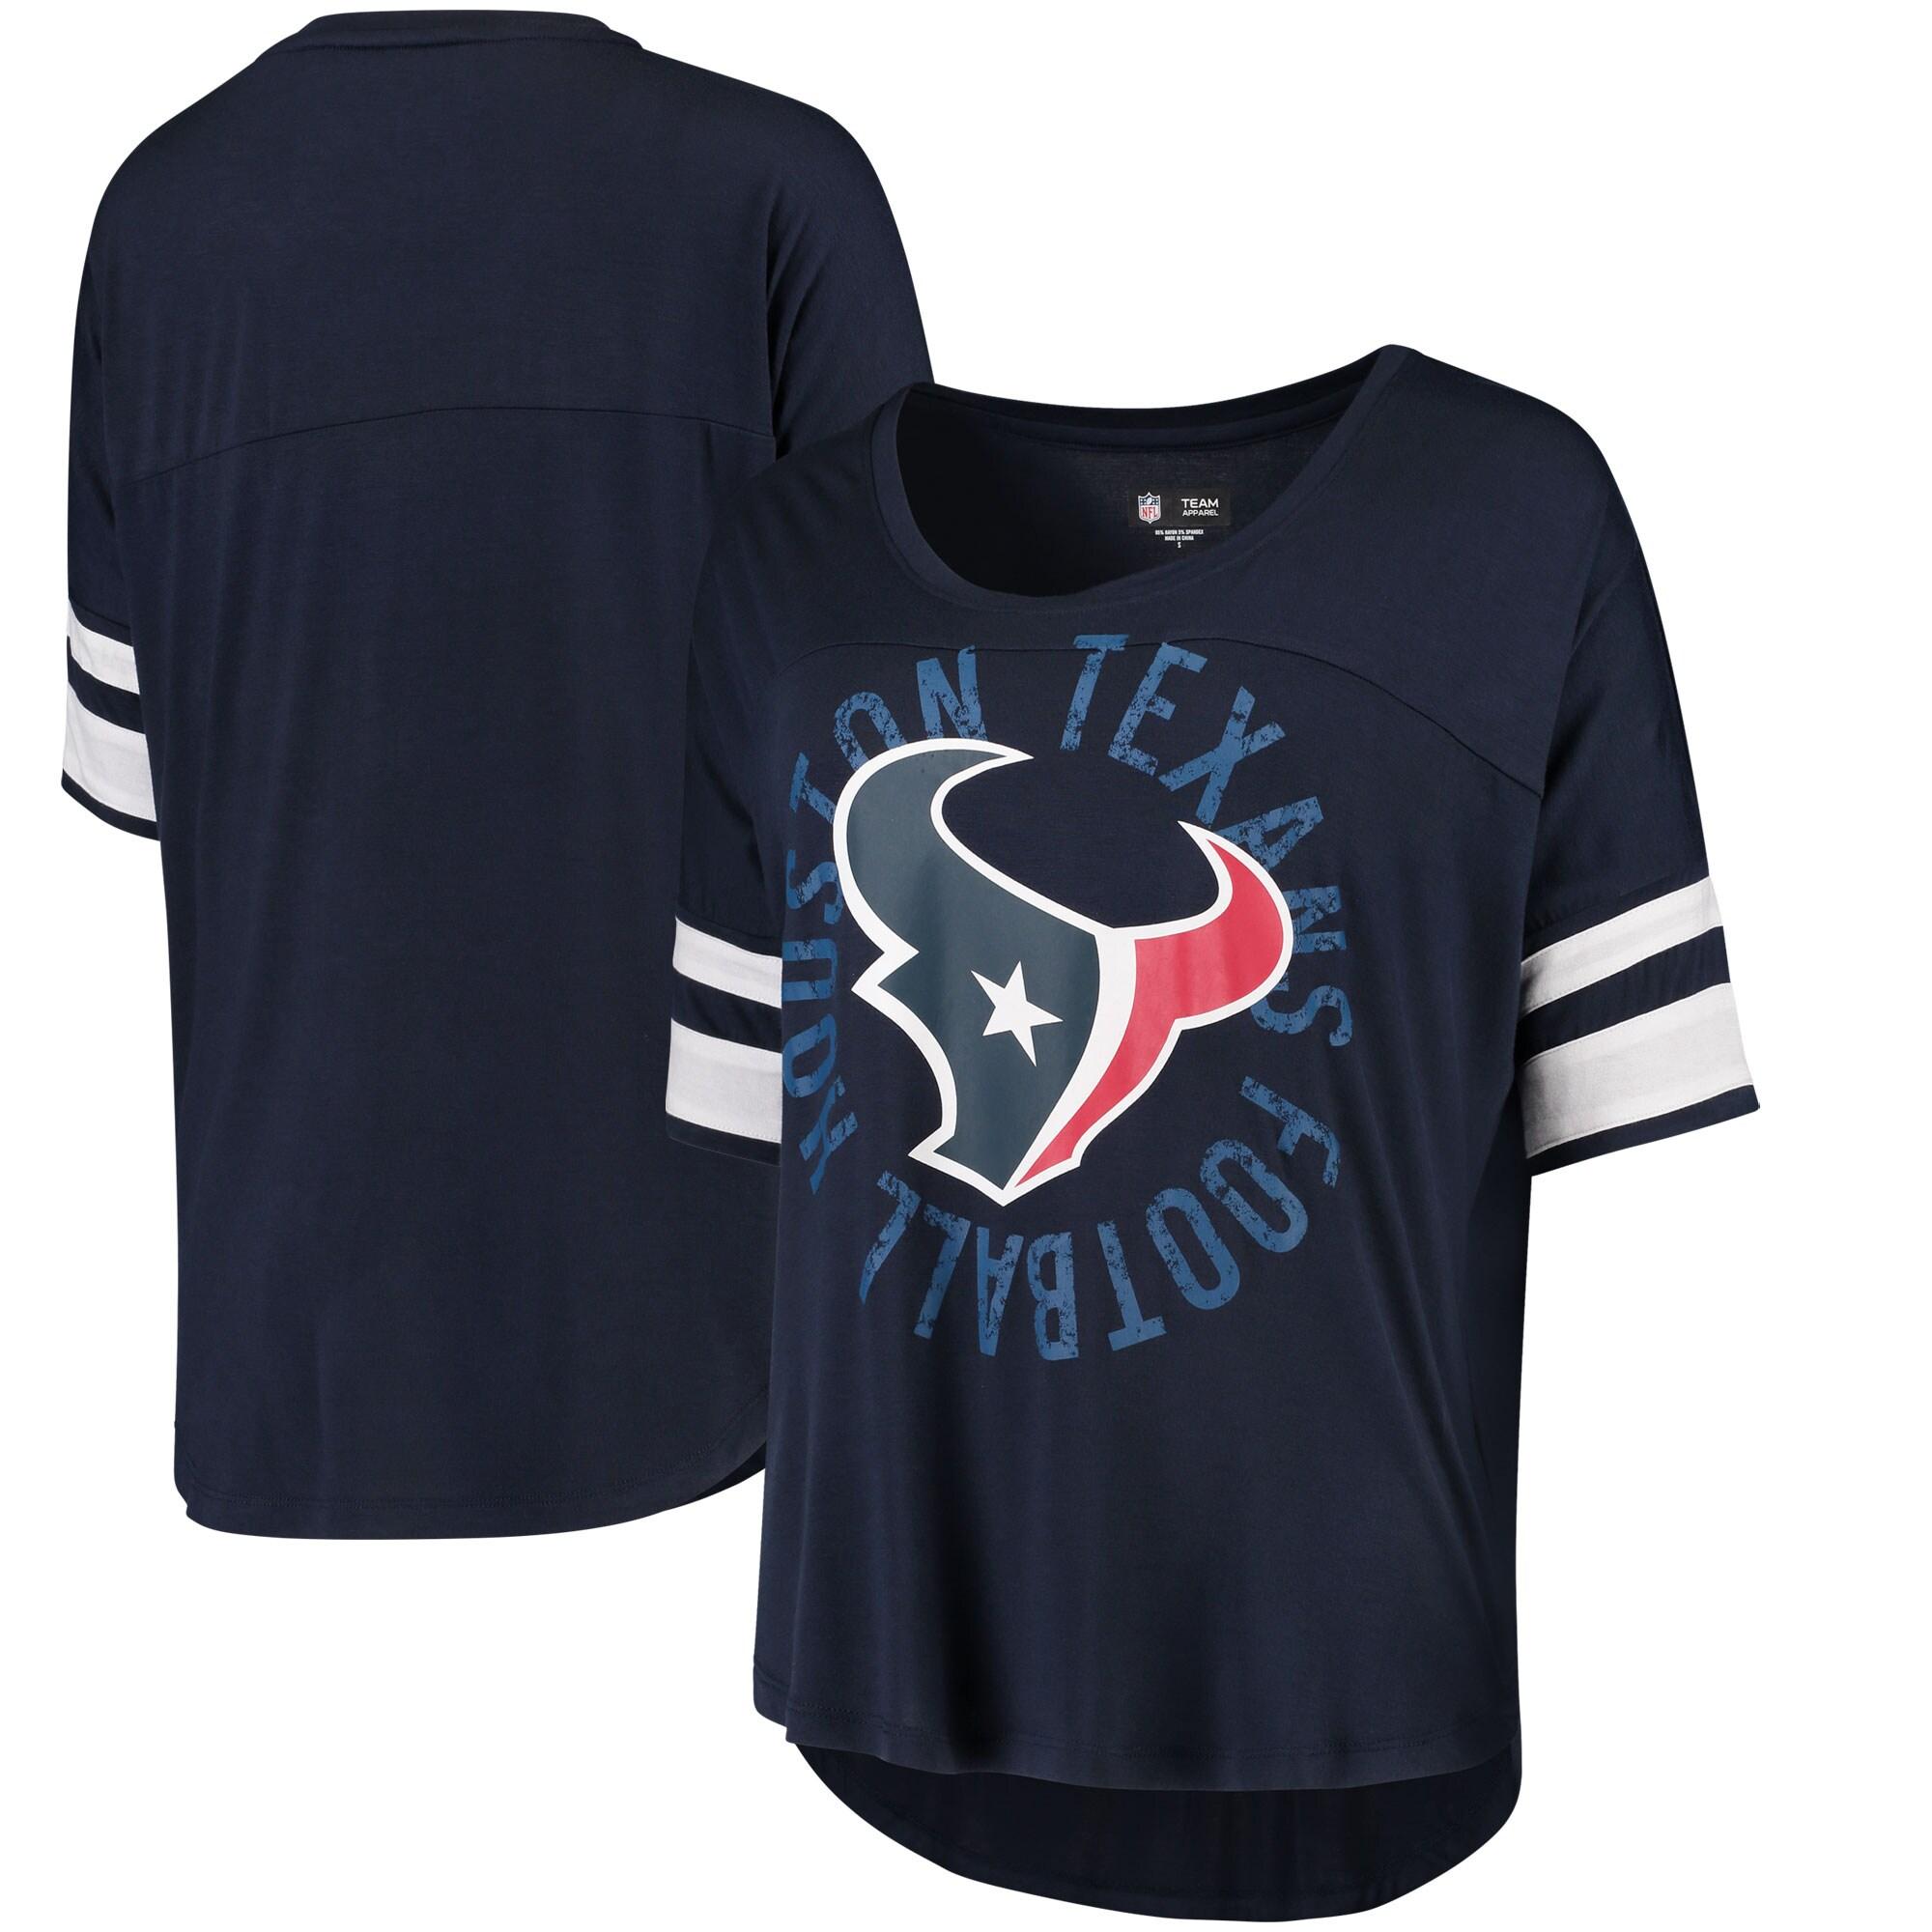 Houston Texans 5th & Ocean by New Era Women's Novelty Dolman Sleeve Scoop Neck T-Shirt - Navy